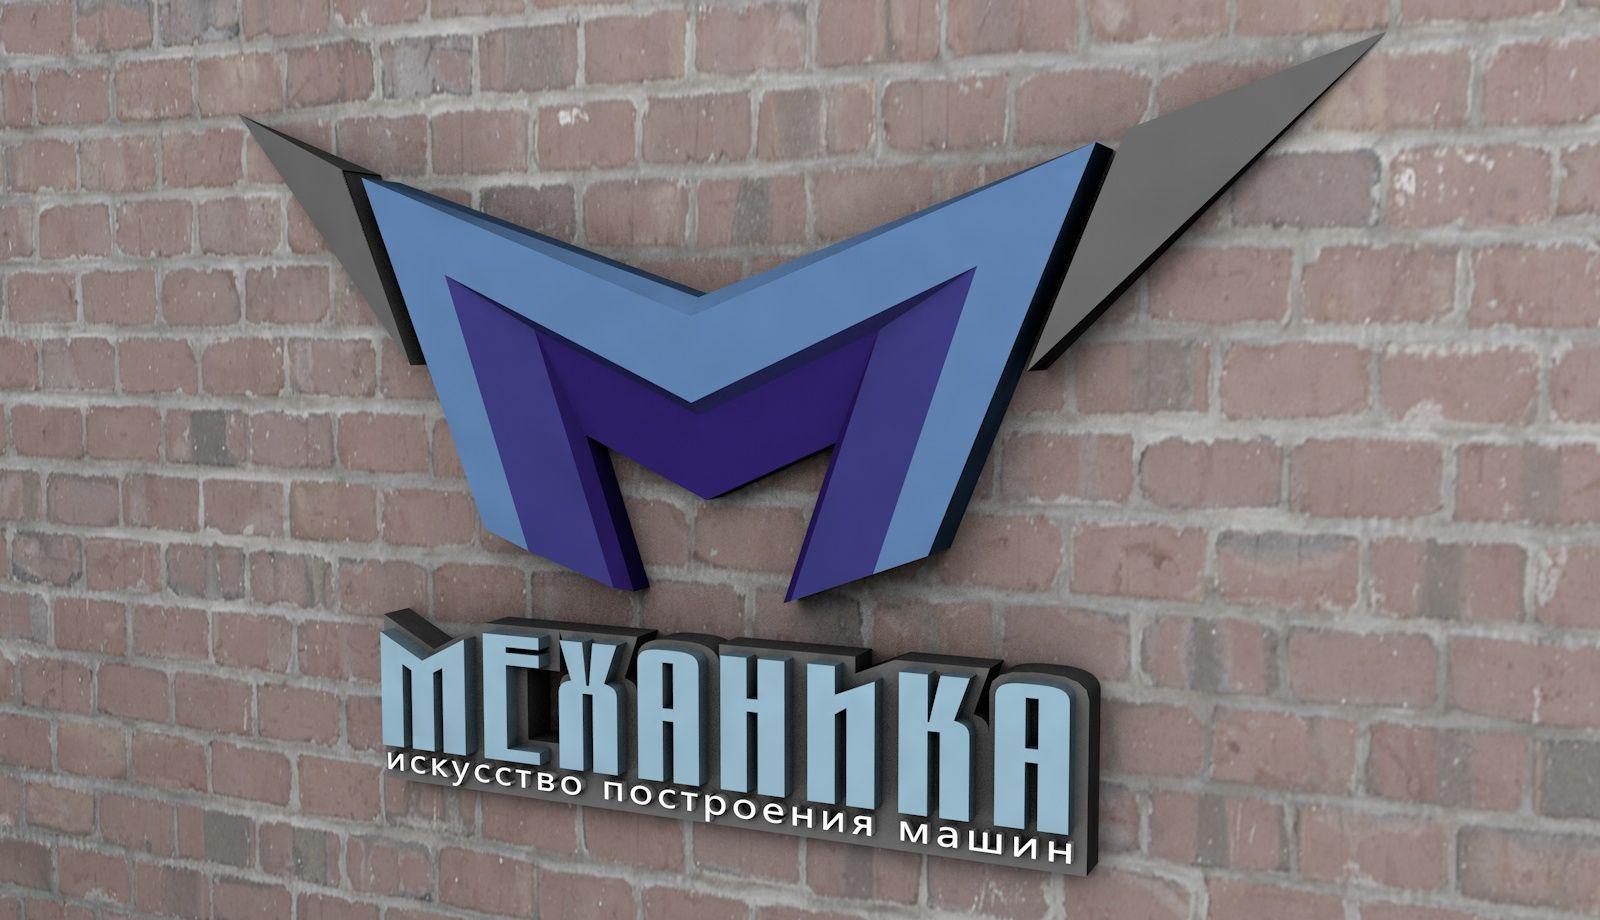 Логотип для магазина автозапчасти 'Механика' - дизайнер mrtigran1990